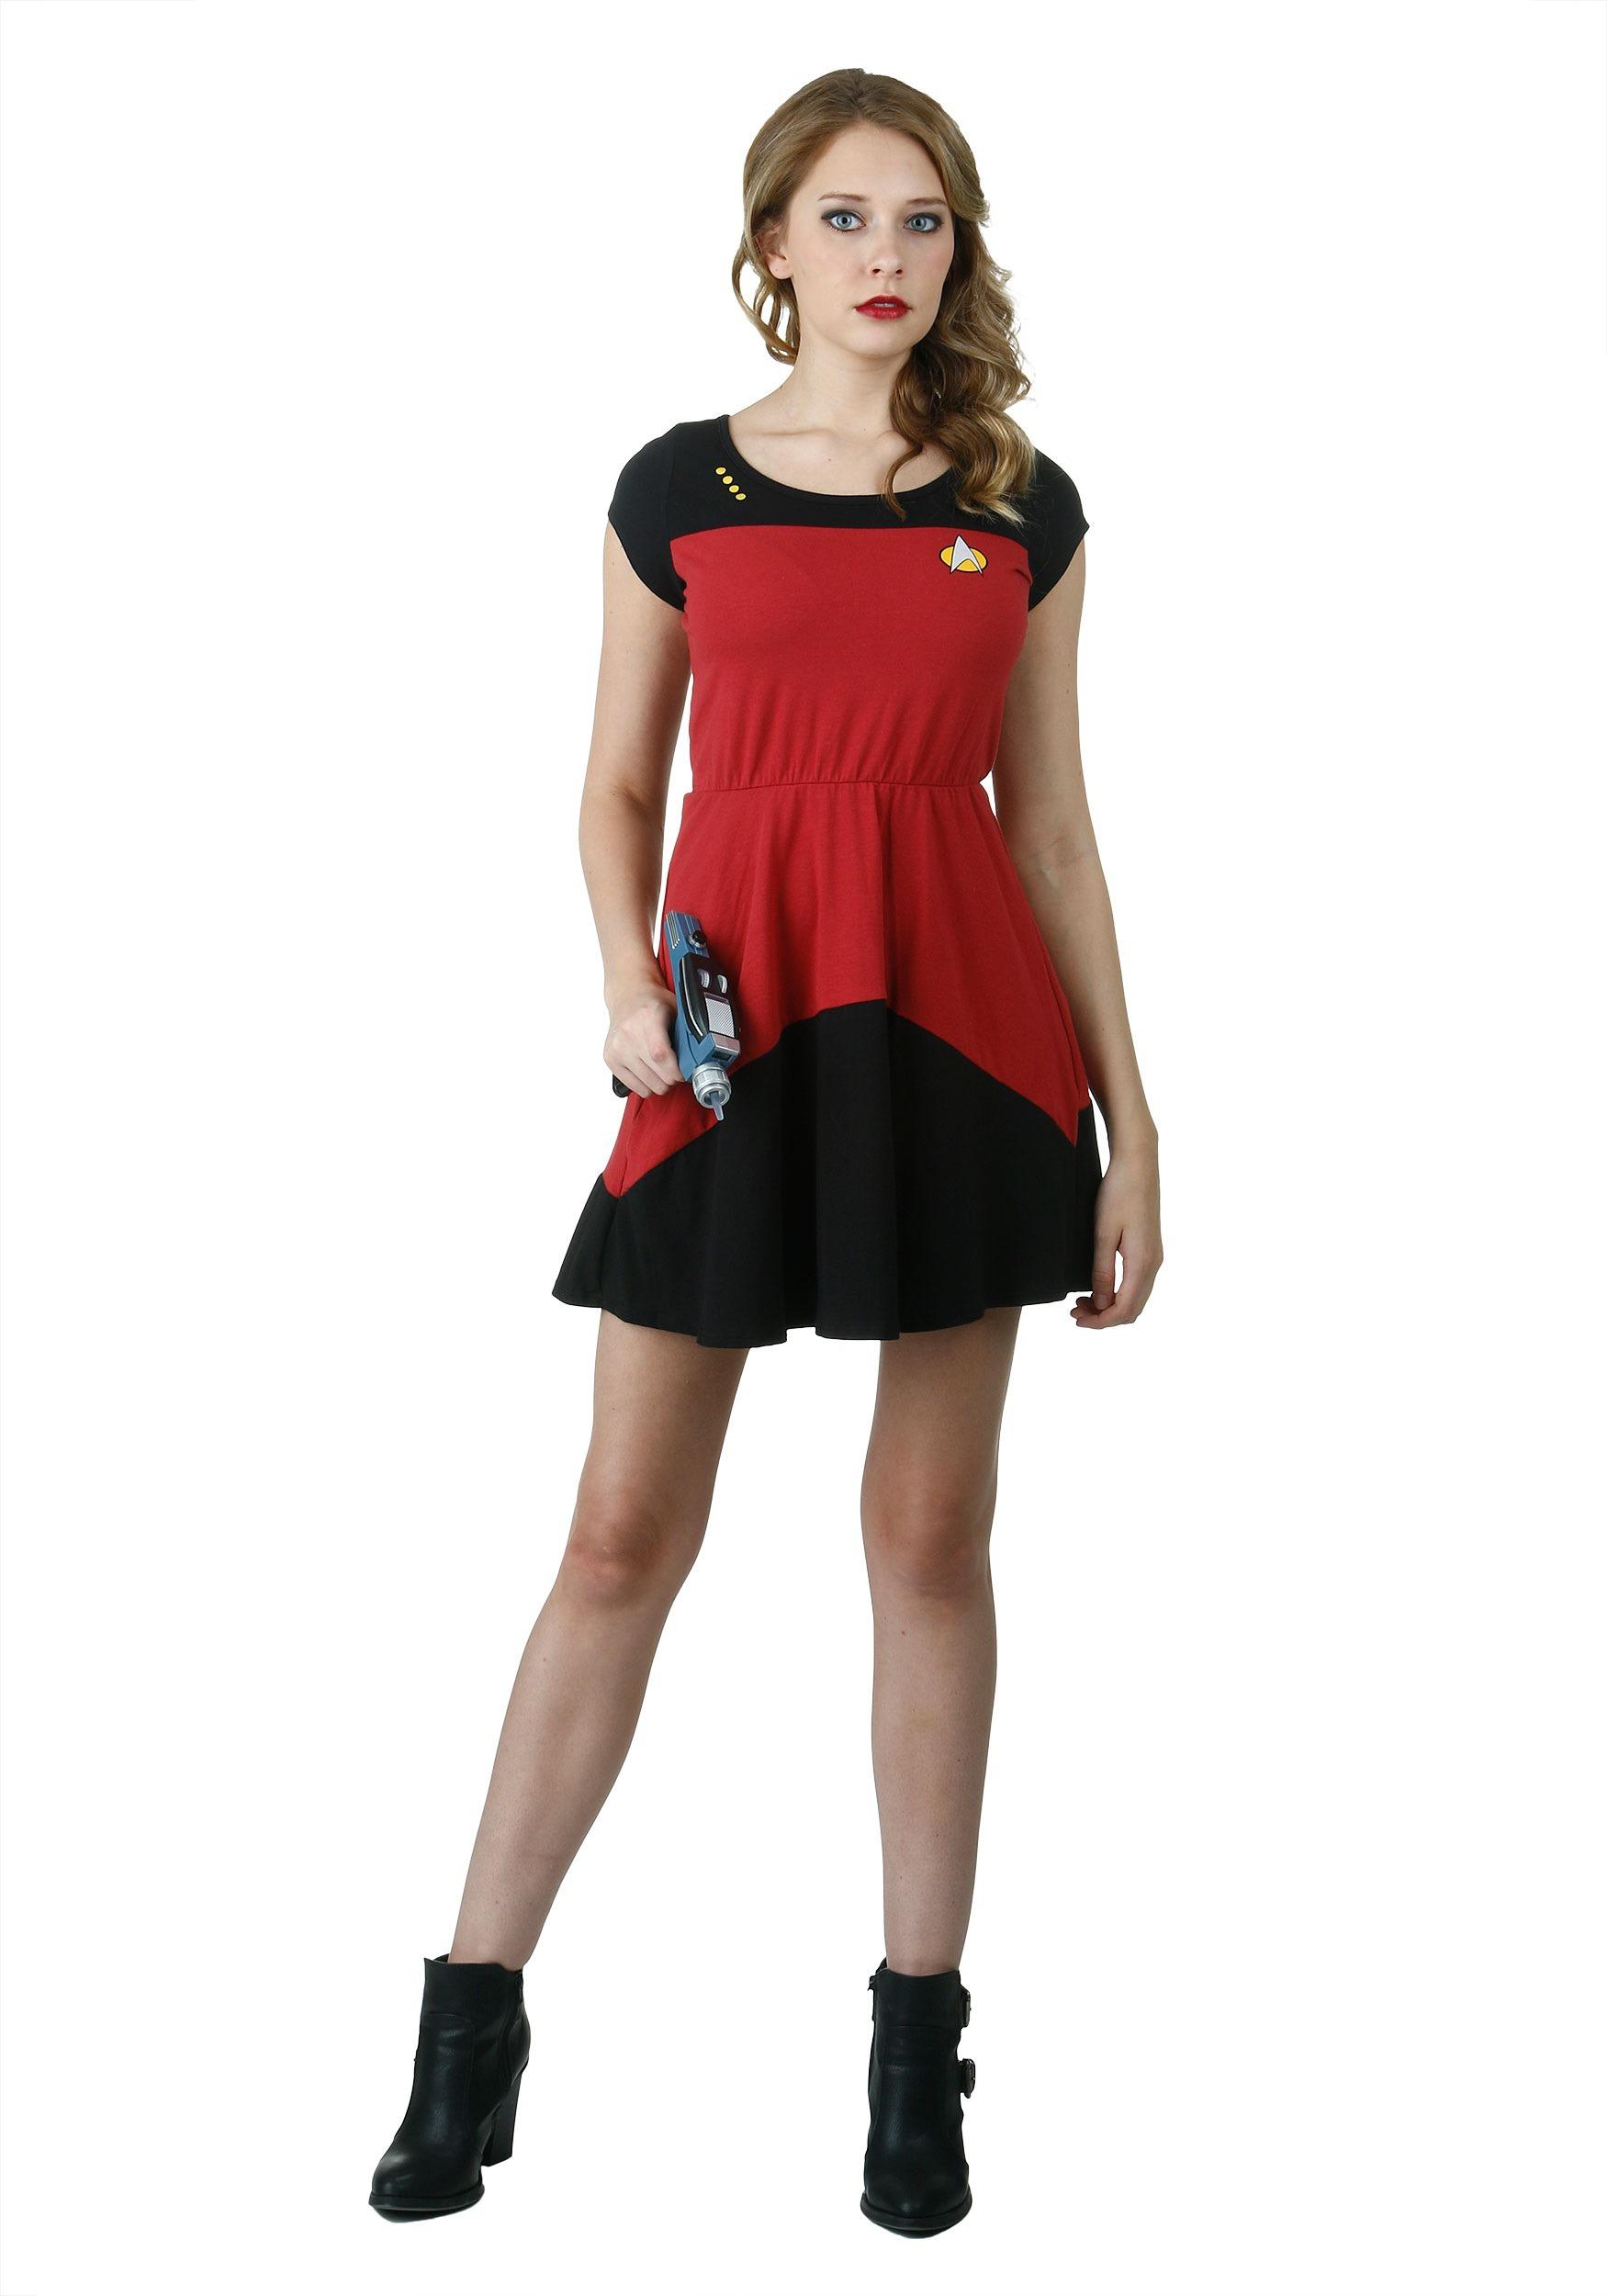 Womens Formal Wear On Star Trek Formal Wear 21st Century